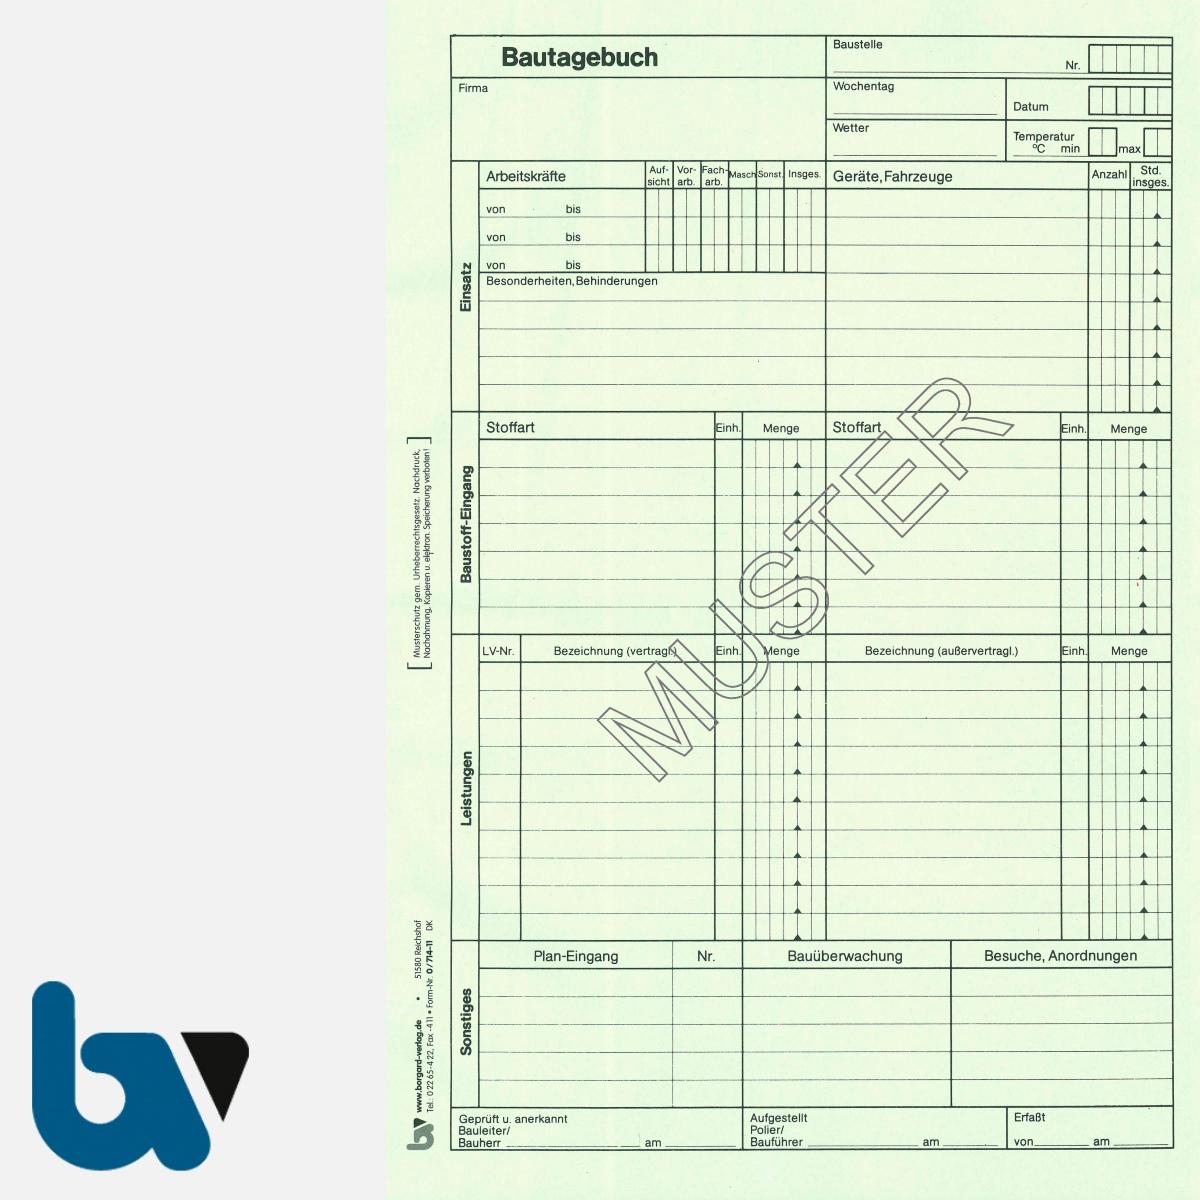 0/714-11 Bautagebuch Arbeit Baustoff Material selbstdurchschreibend 3-fach Einschlagdeckel Durchschreibeschutz Schreibschutzdeckel perforiert DIN A4 Seite 1 | Borgard Verlag GmbH